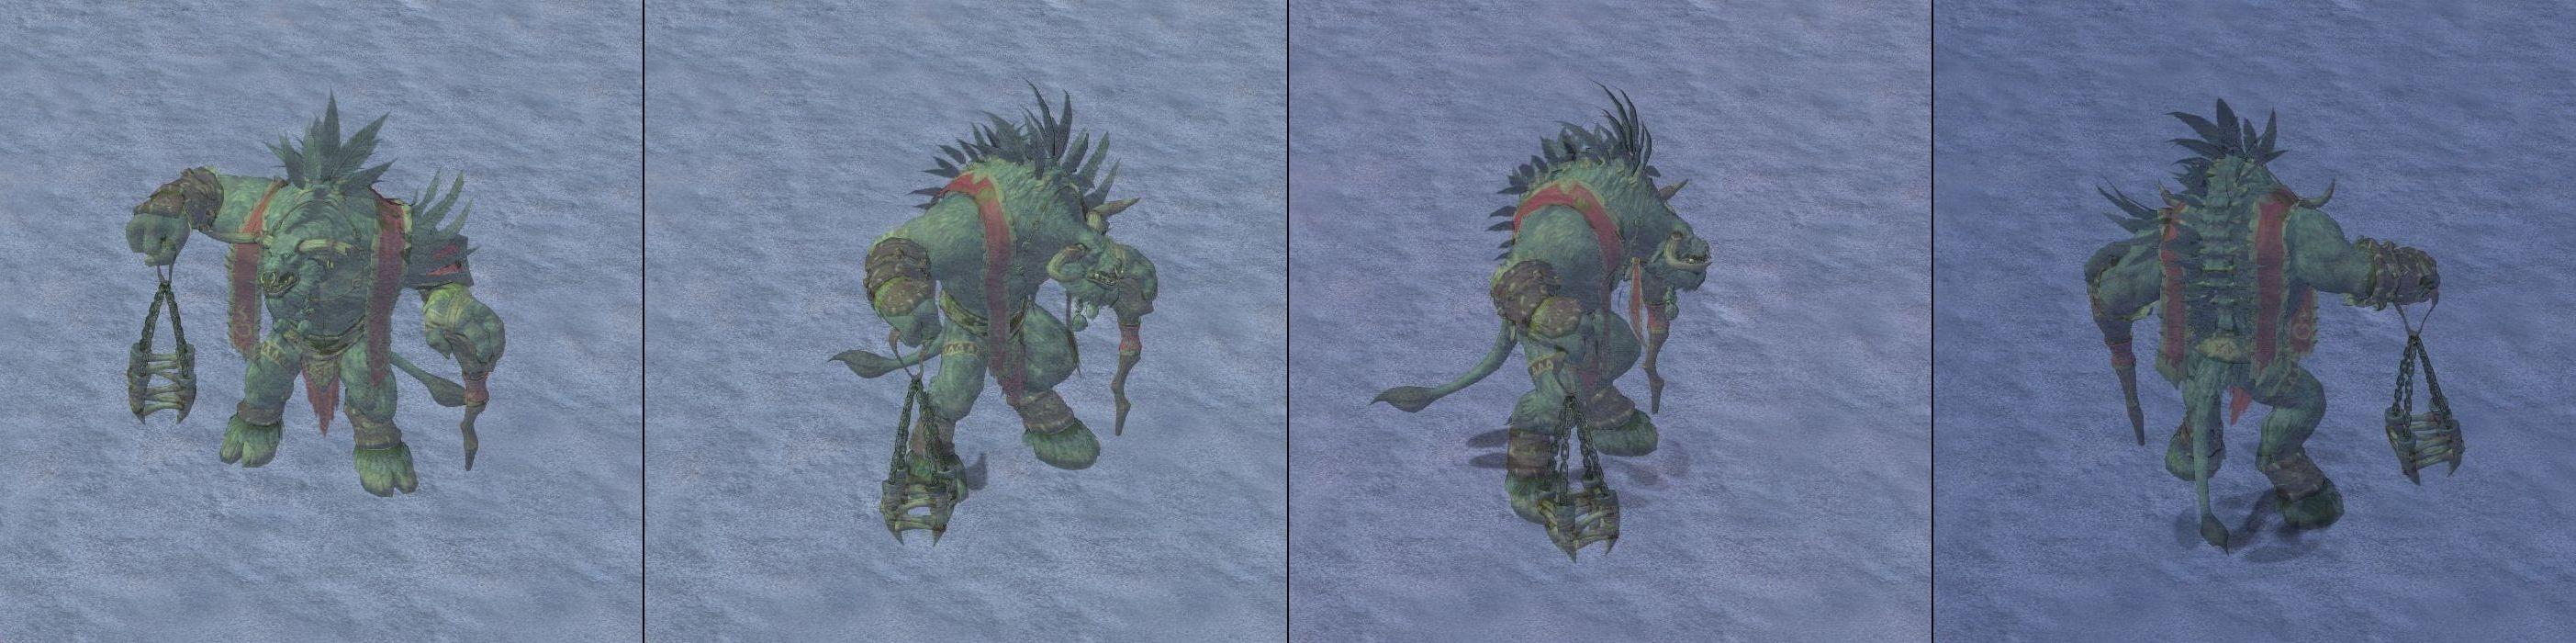 Warcraft III Reforged : Spirit Walker